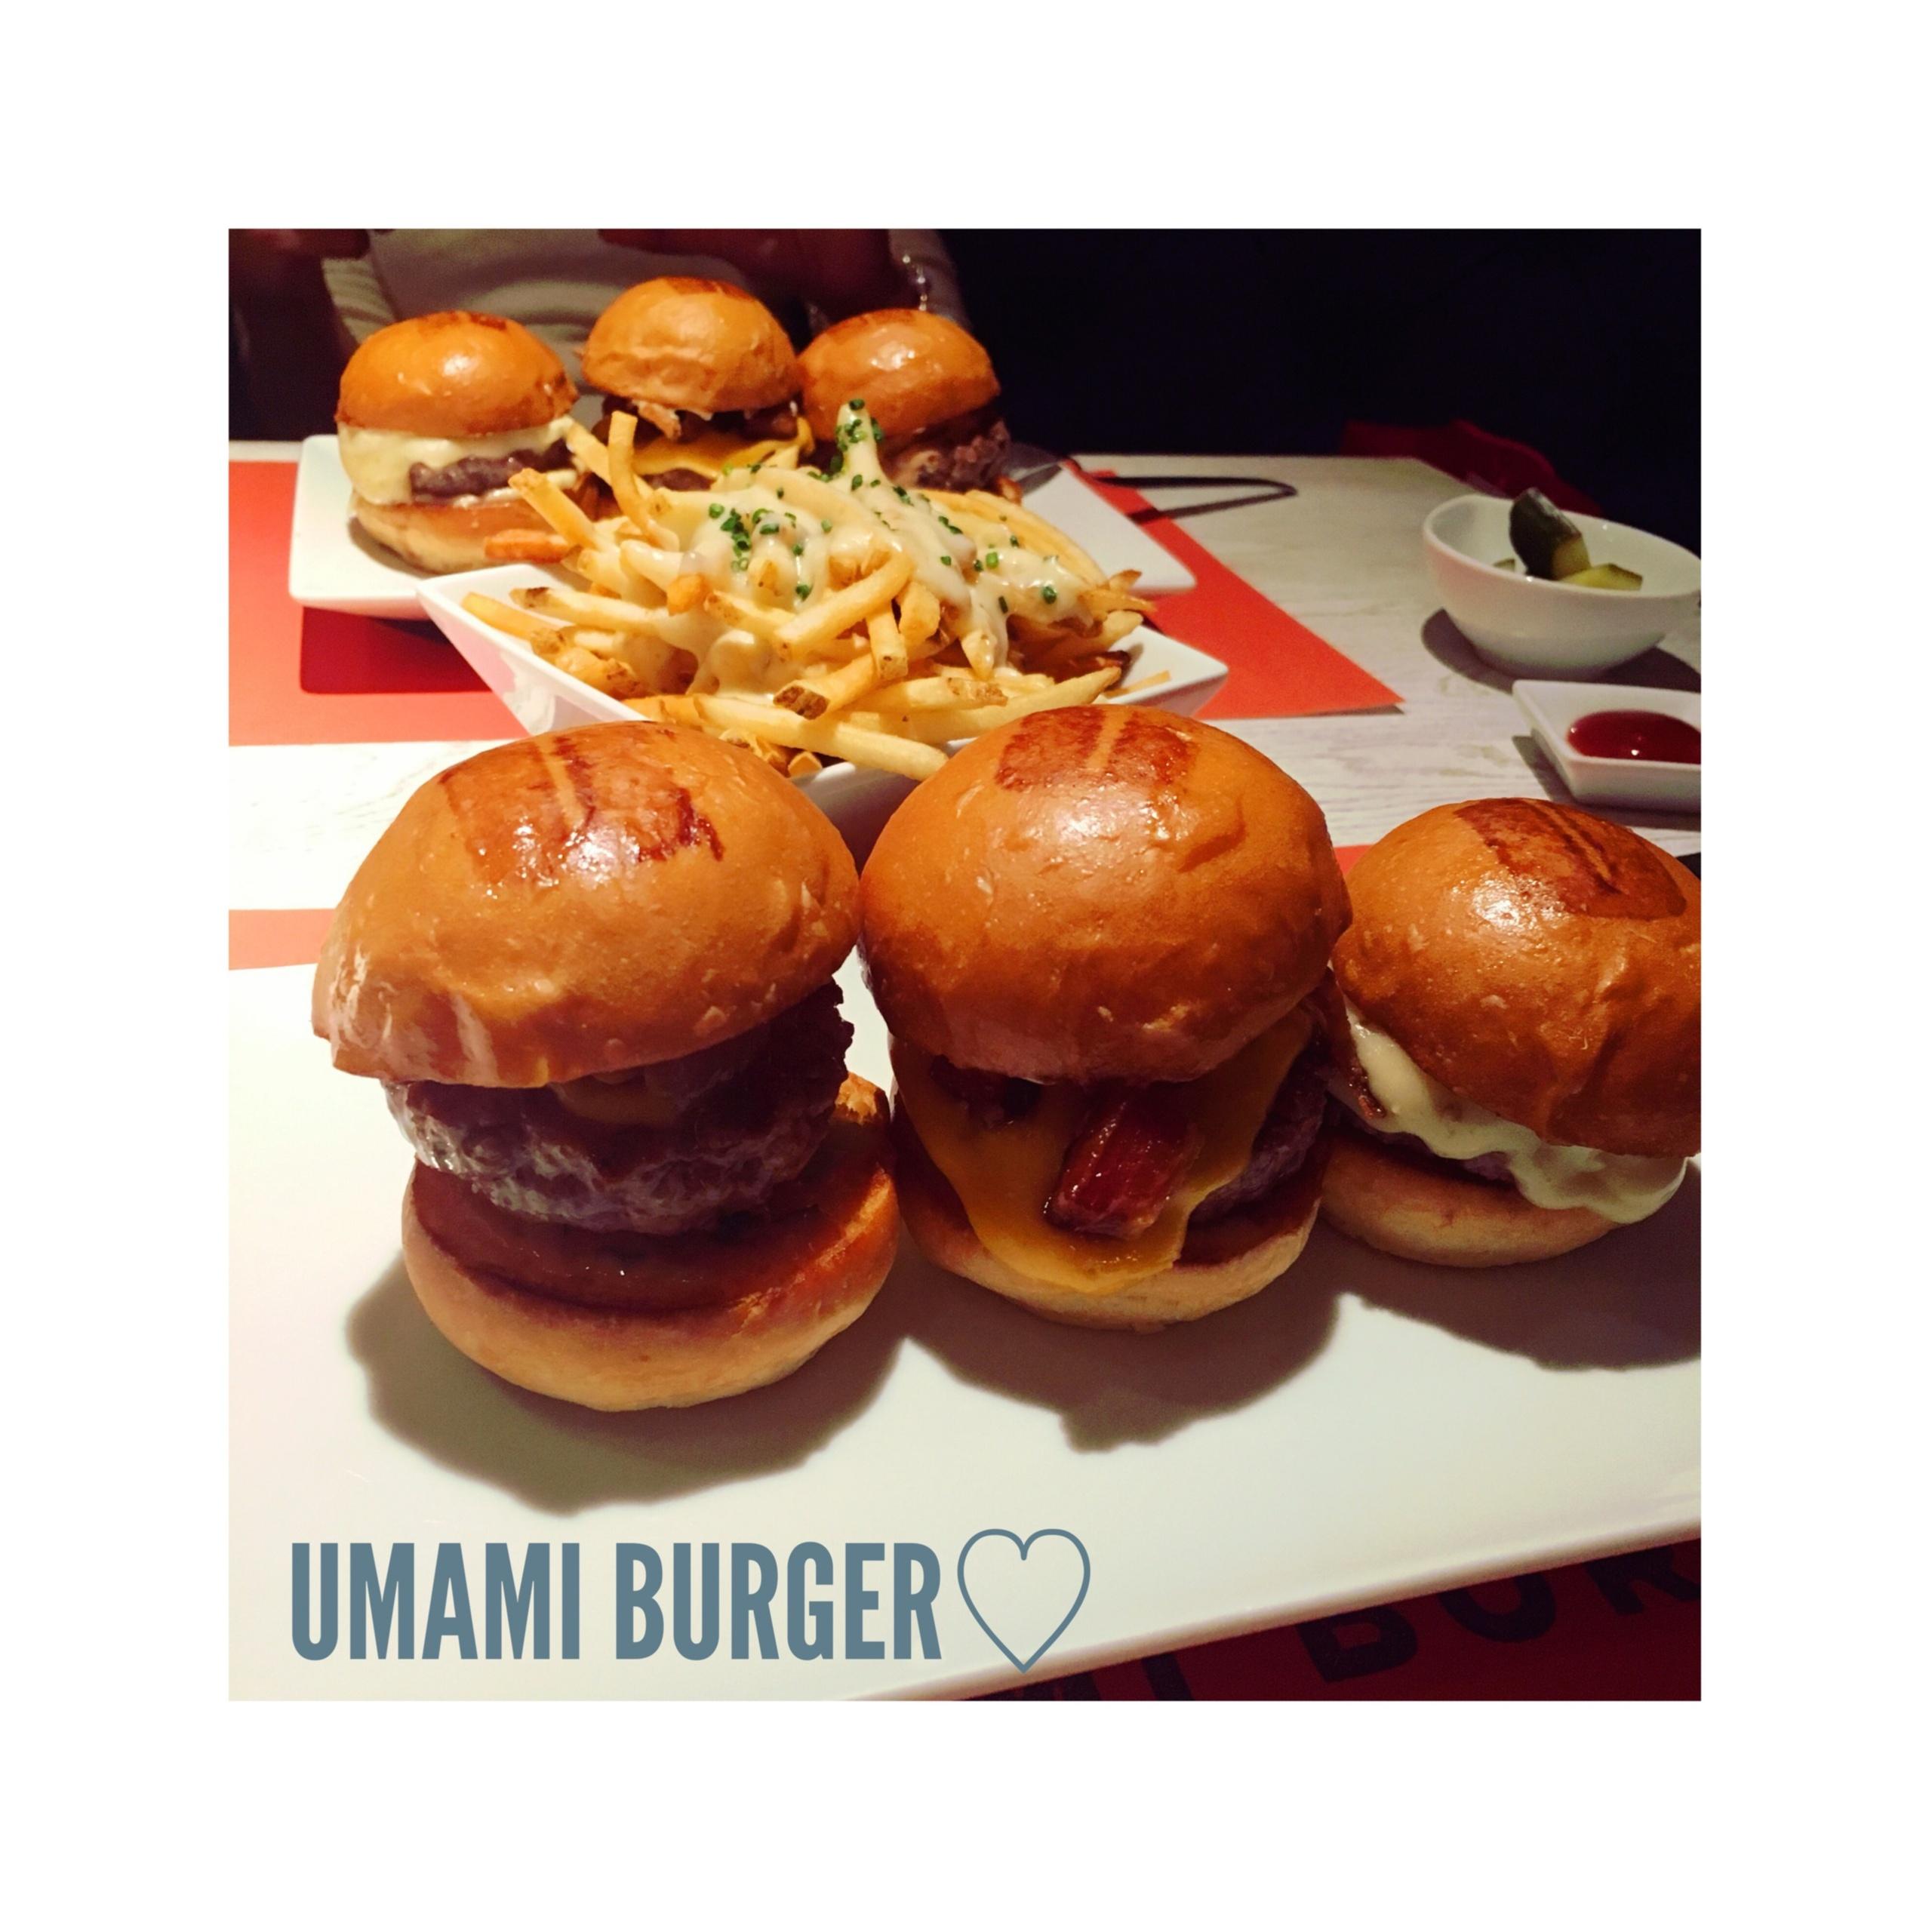 《ご当地MORE★》東京に来たら必ず食べてほしいイチオシの美味ハンバーガーはここ、【UMAMI BURGER】で❤️!_6